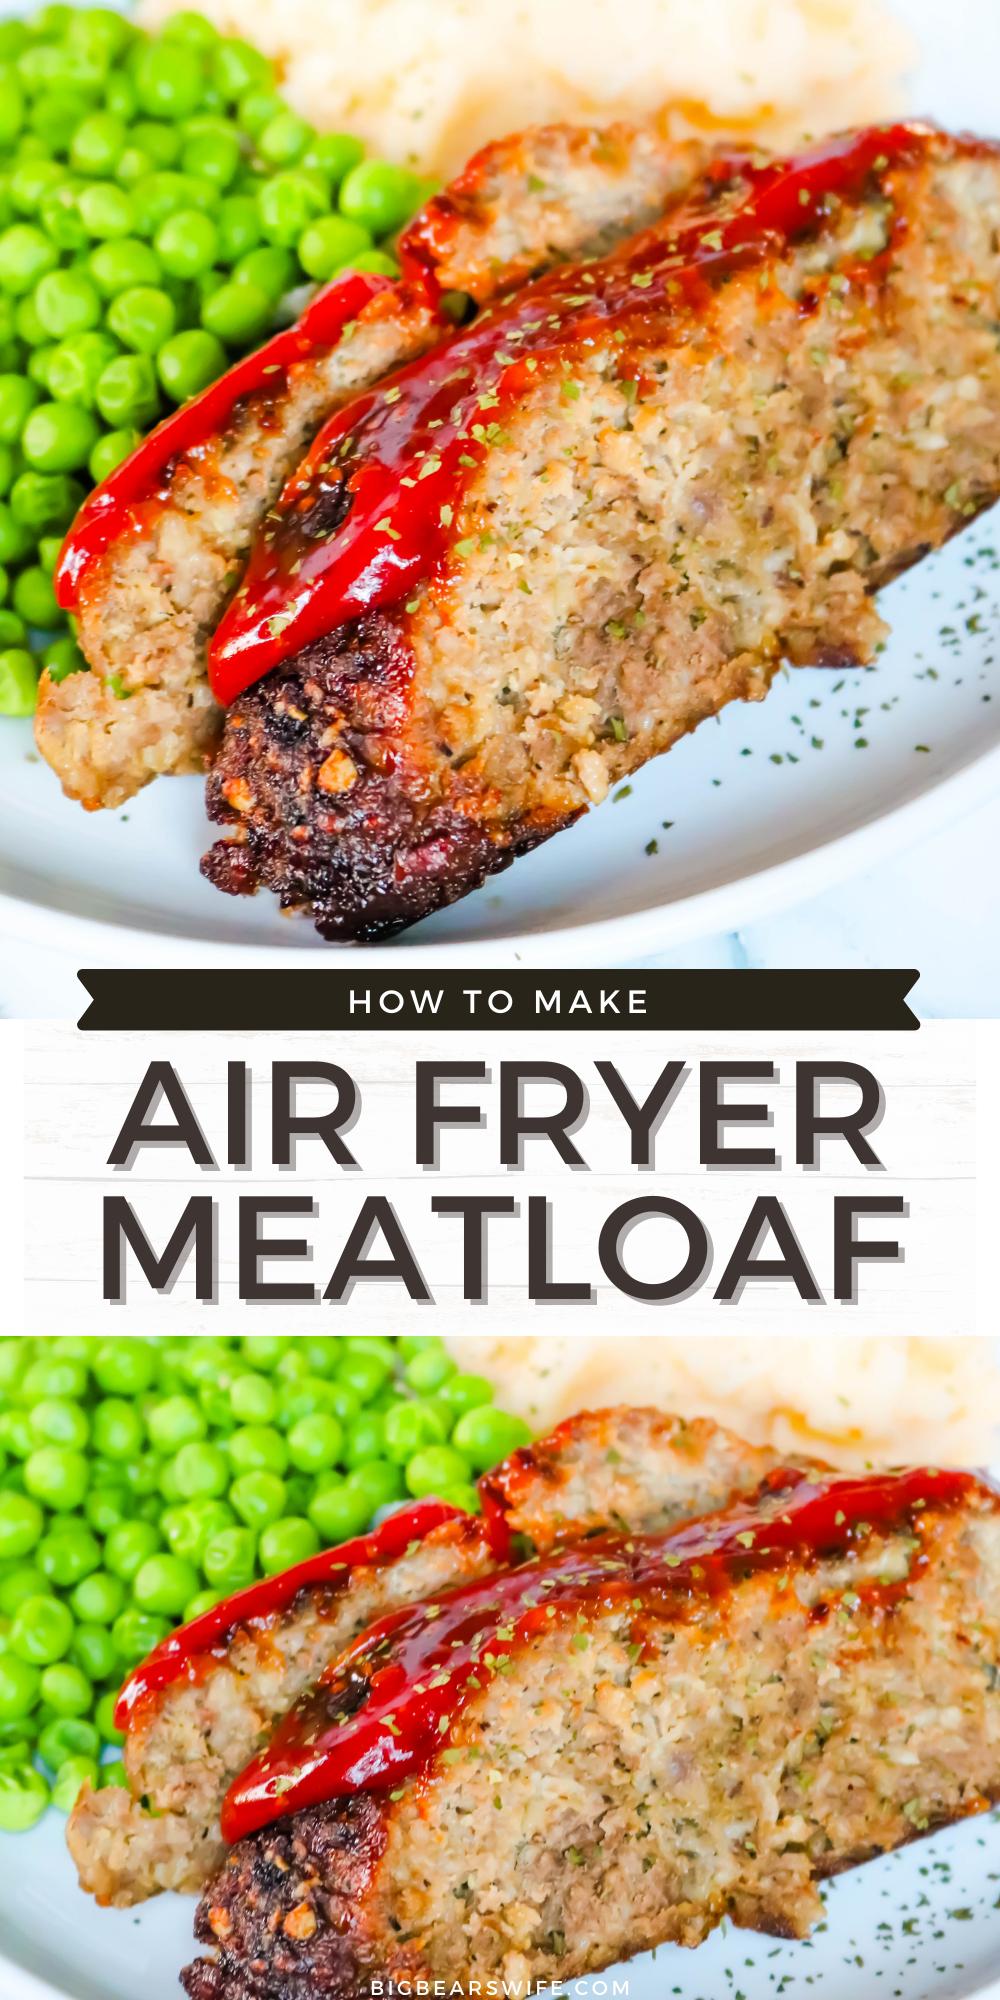 Air Fryer Meatloaf Recipe In 2021 Meatloaf How To Cook Meatloaf Air Fryer